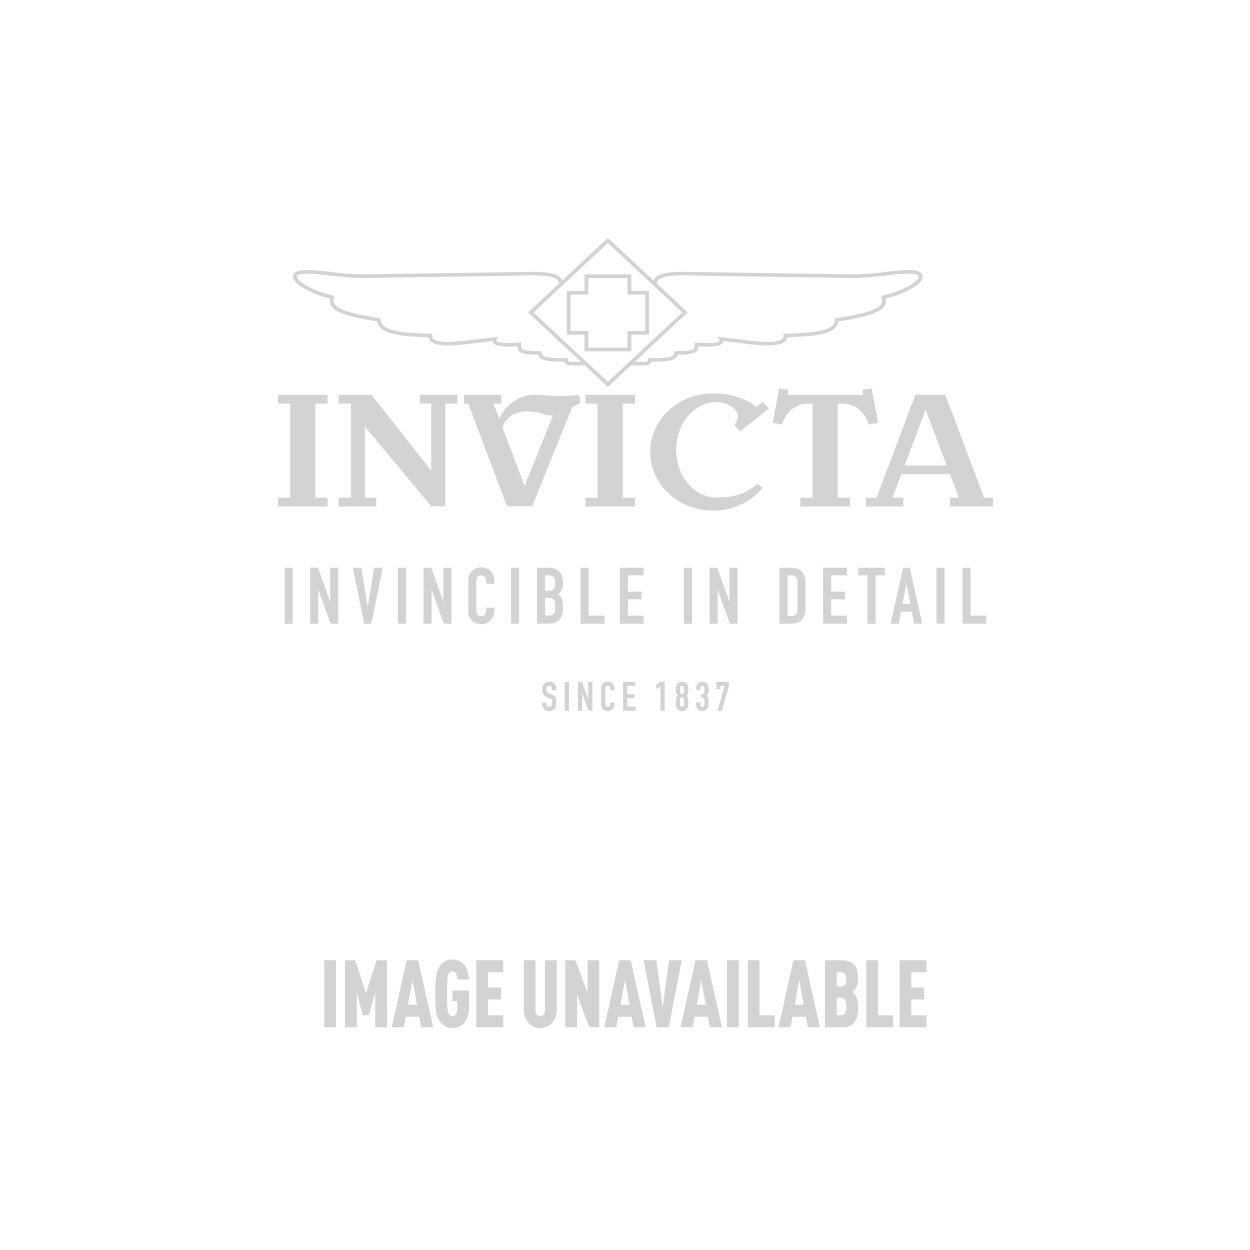 Invicta Model 25151